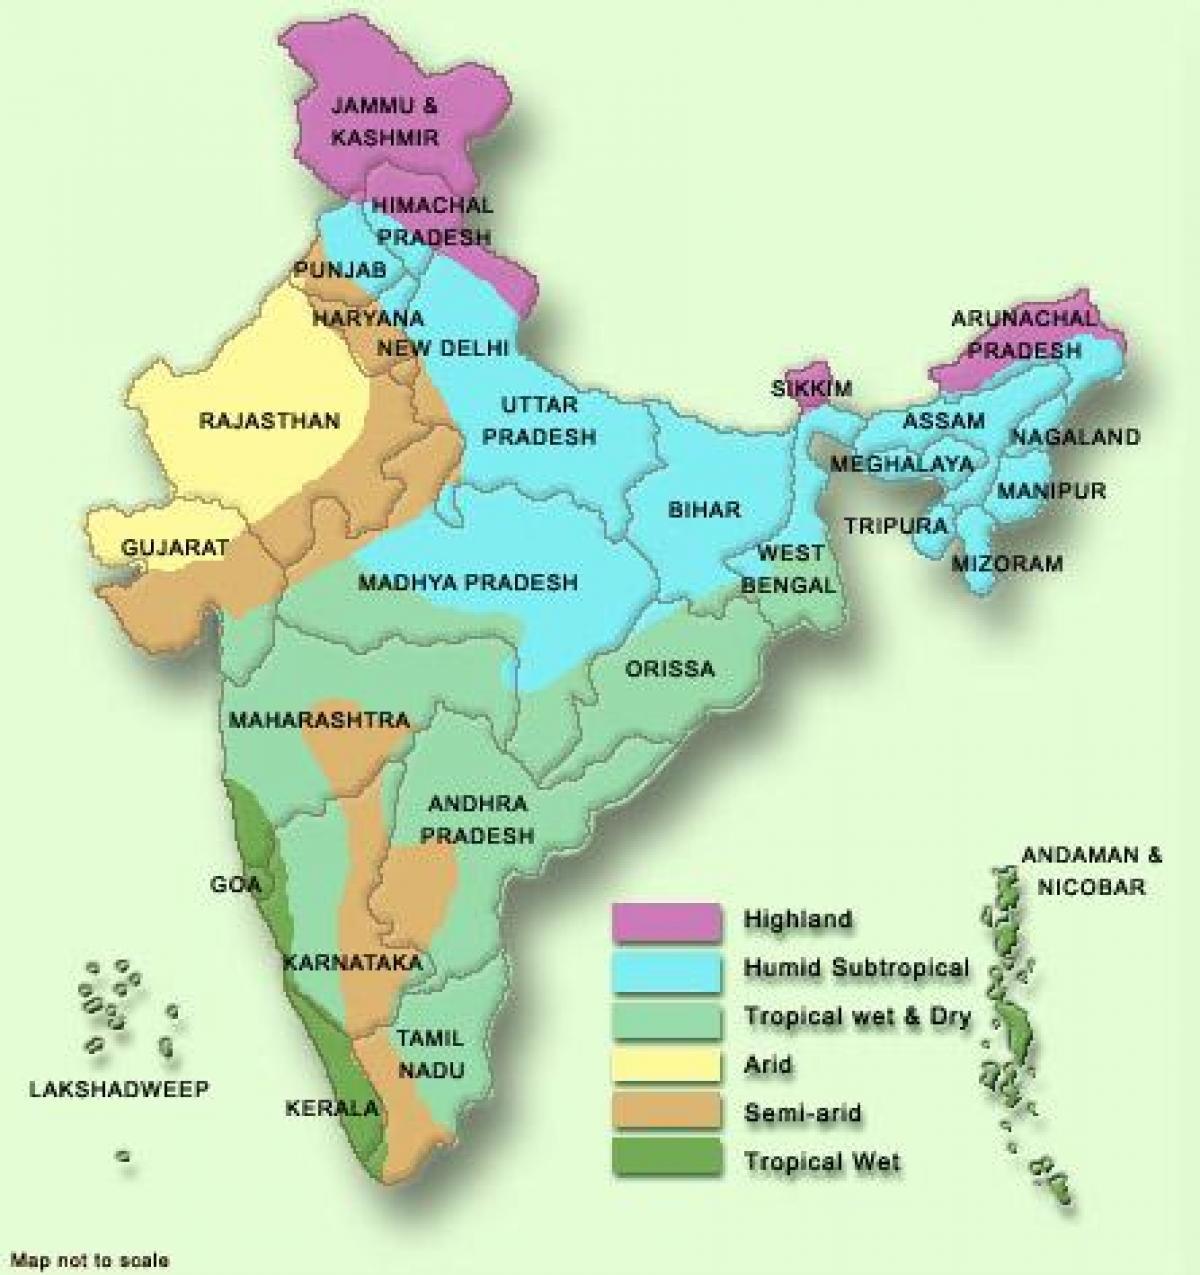 La india mapa del tiempo clima en la india mapa en el sur de asia asia - Tiempo en pakistan ...